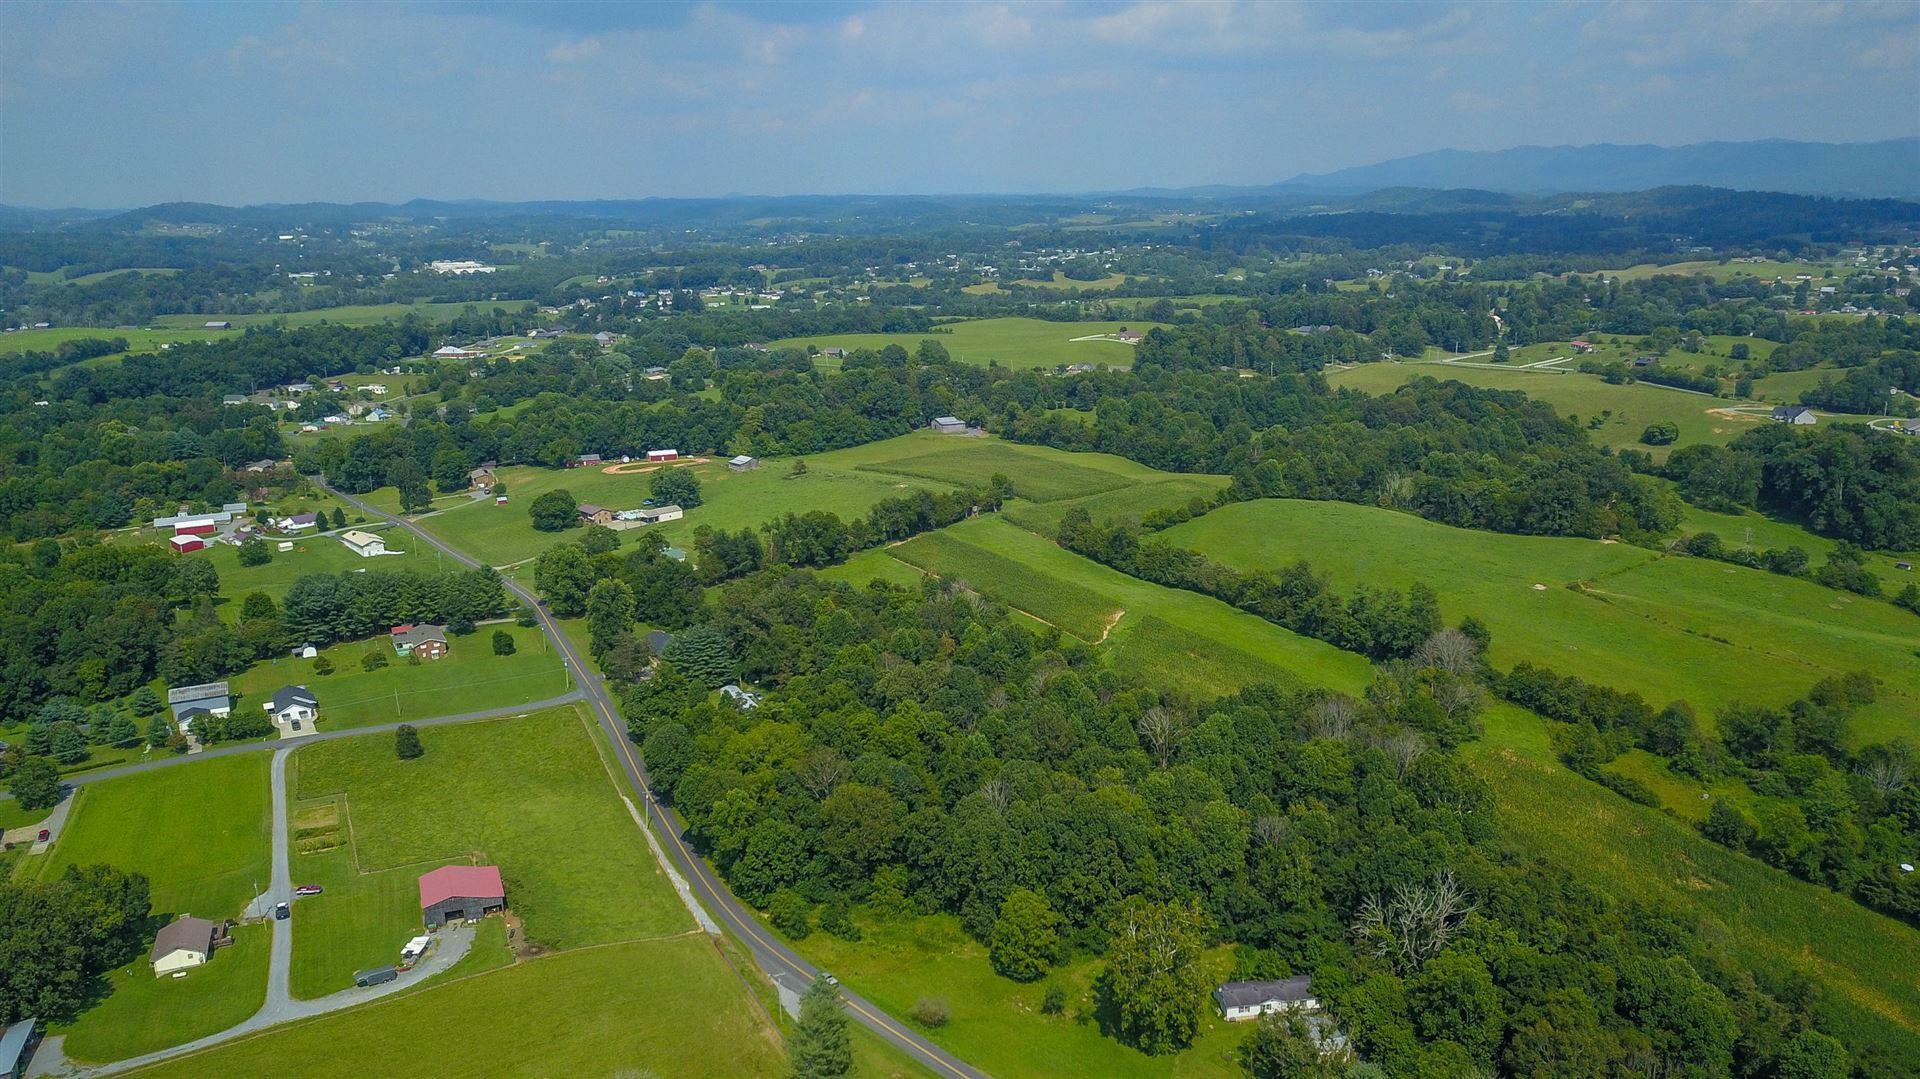 Photo of Lot 2 + 3 Telford School Road, Limestone, TN 37681 (MLS # 9927577)